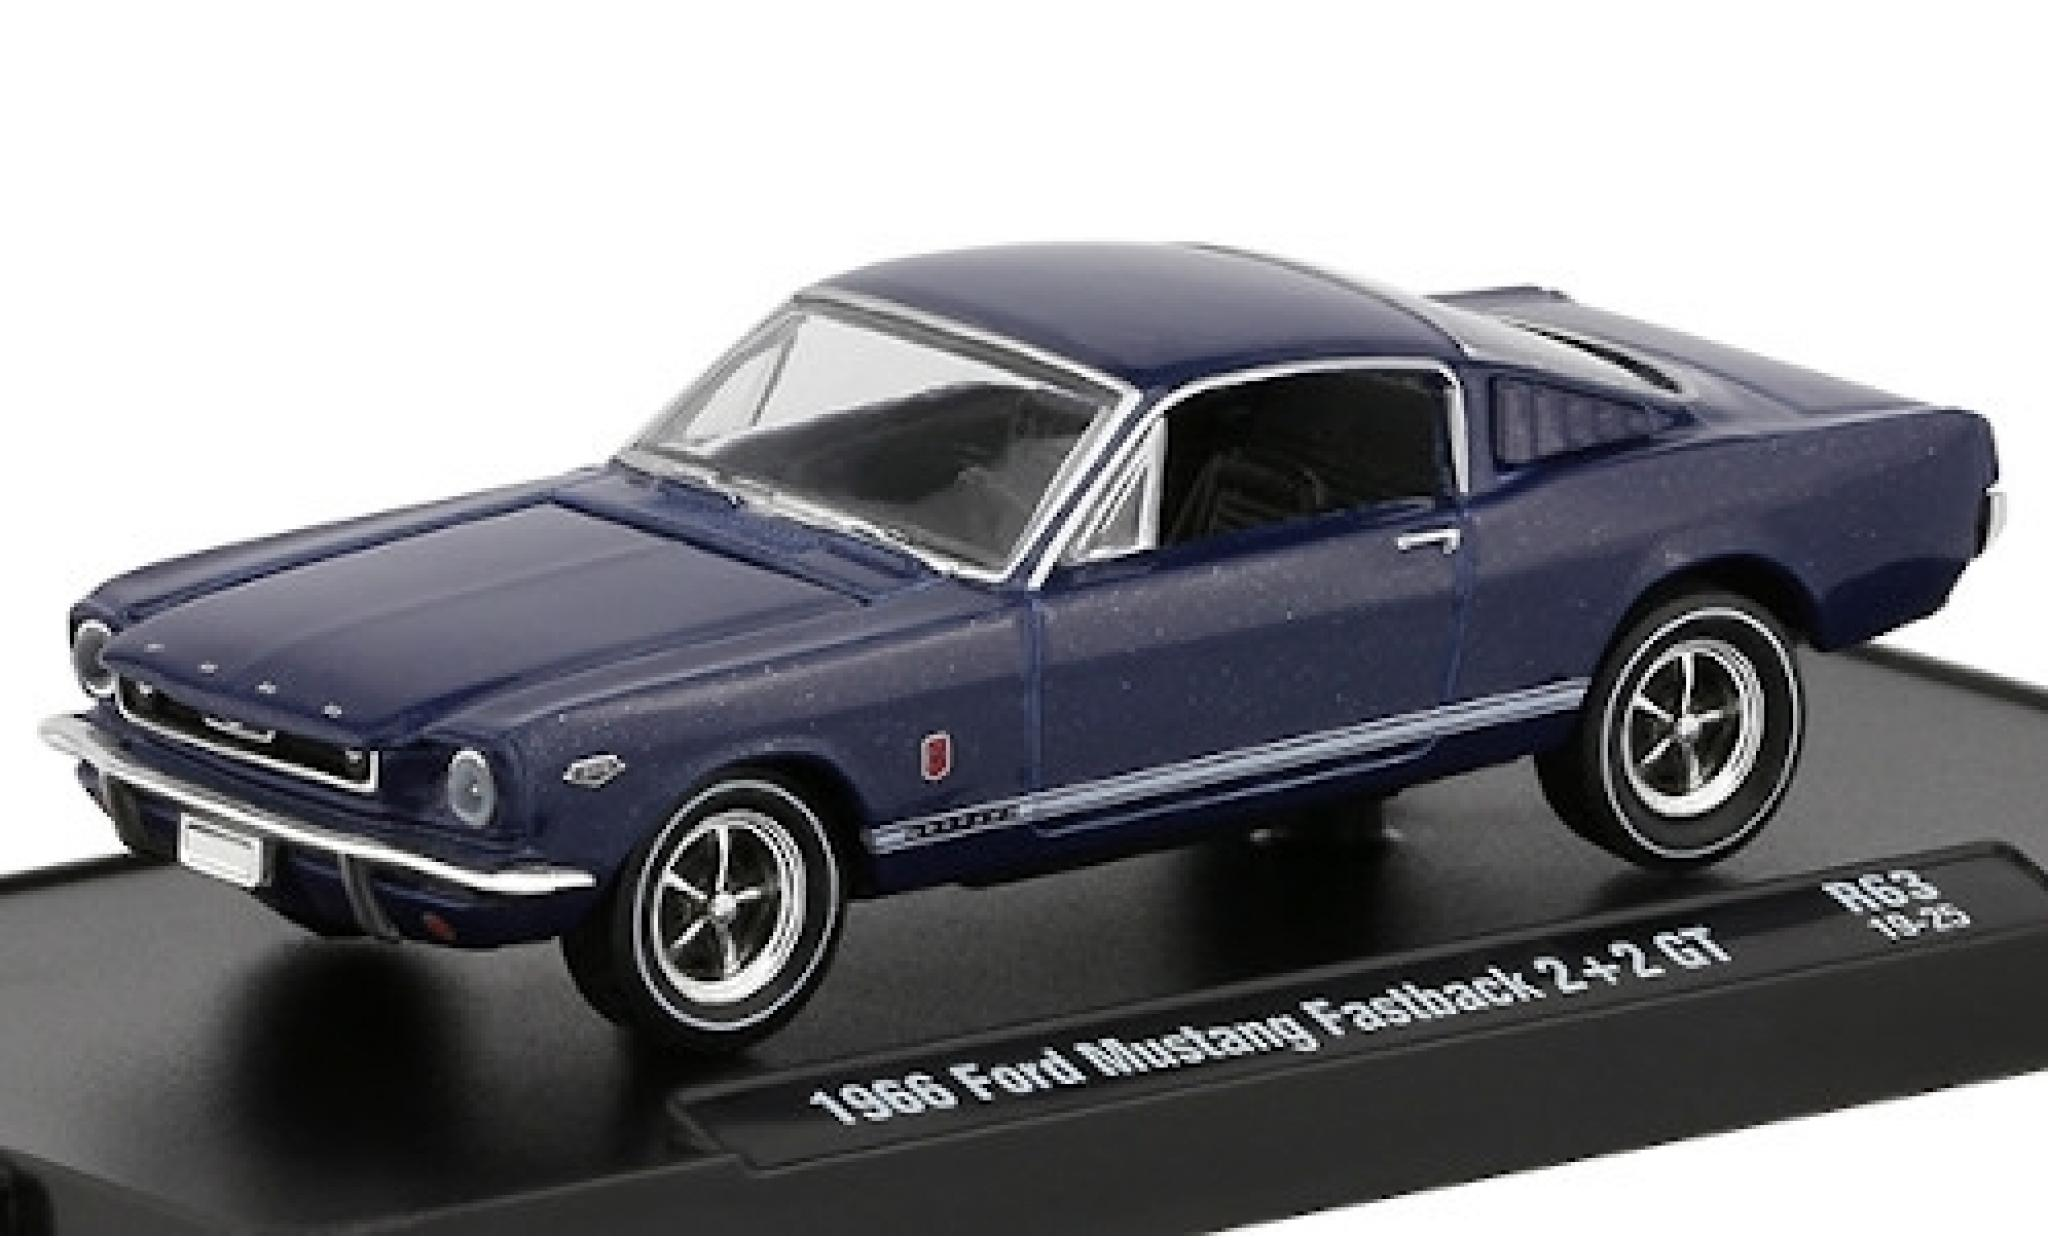 Ford Mustang 1/64 M2 Machines Fastback 2+2 GT métallisé bleue 1966